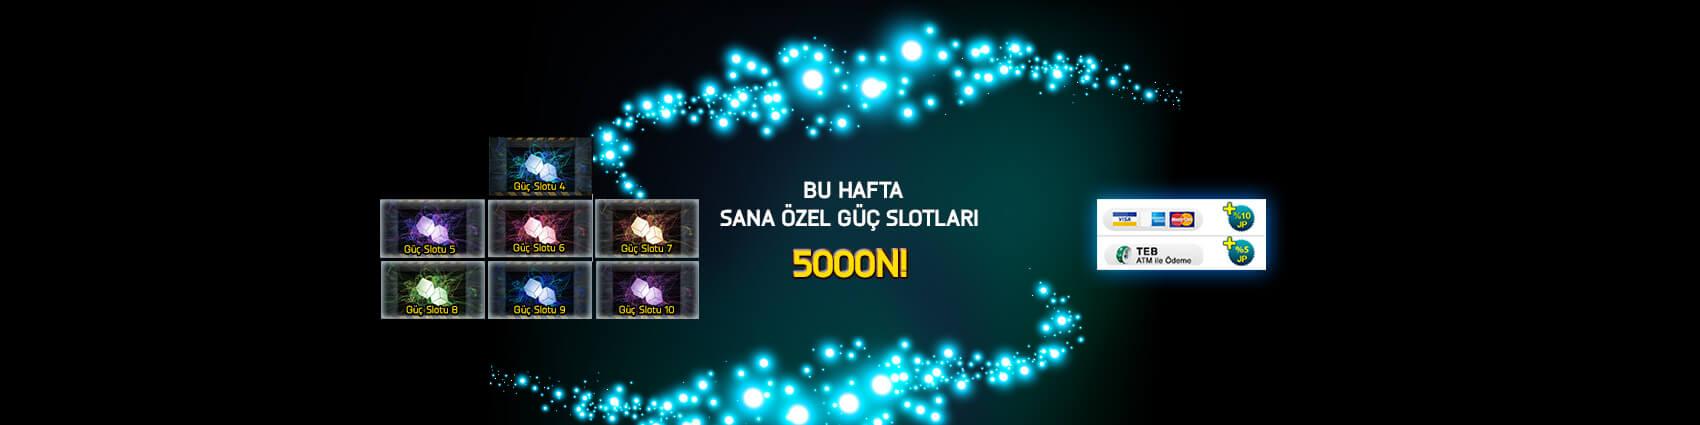 Güç Slotları 5000N